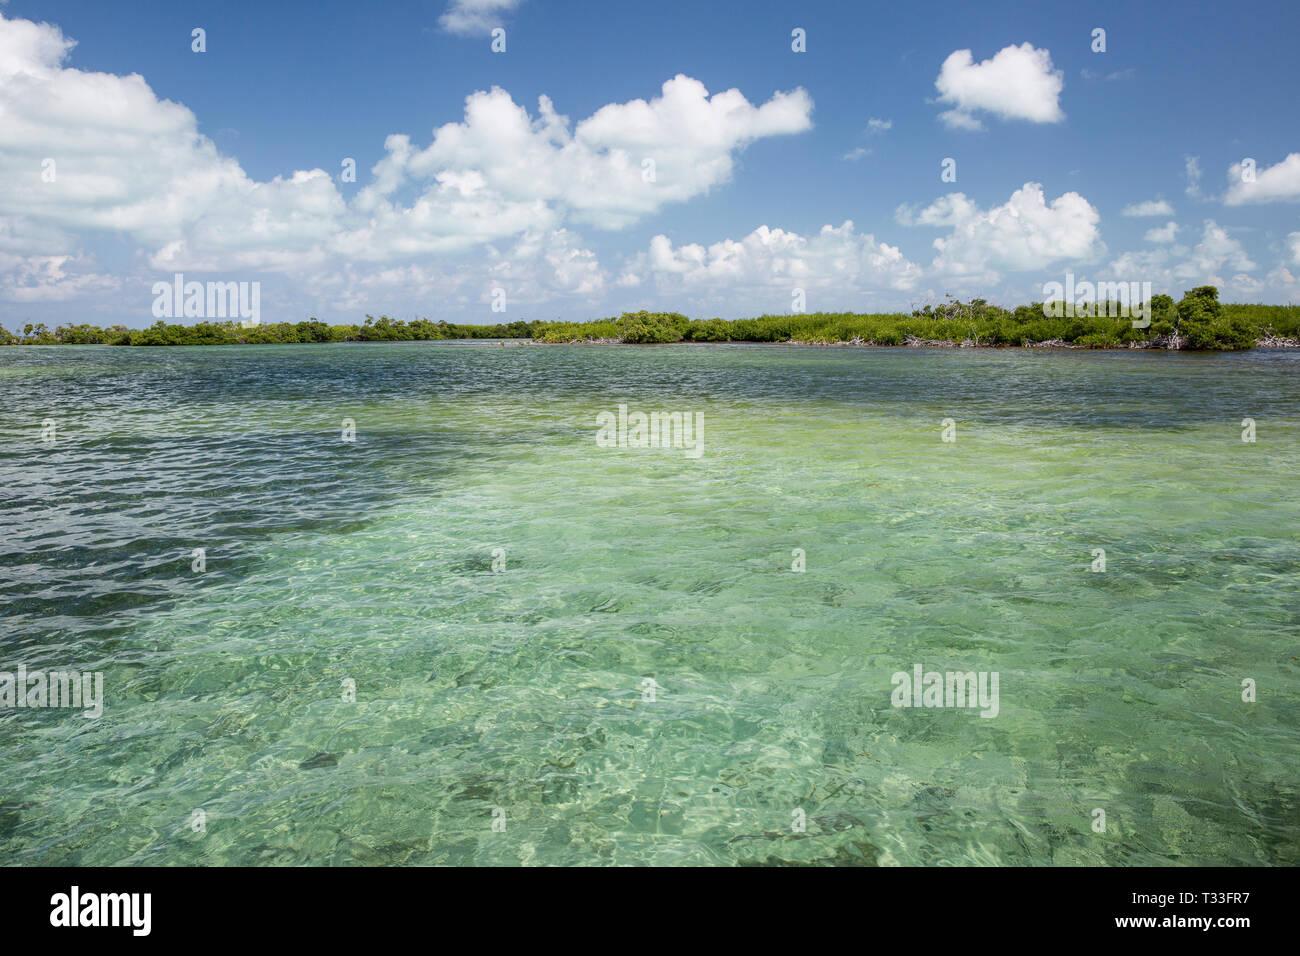 Lagon de banques, Chinchorro Banco Chinchorro, mer des Caraïbes, Mexique Banque D'Images